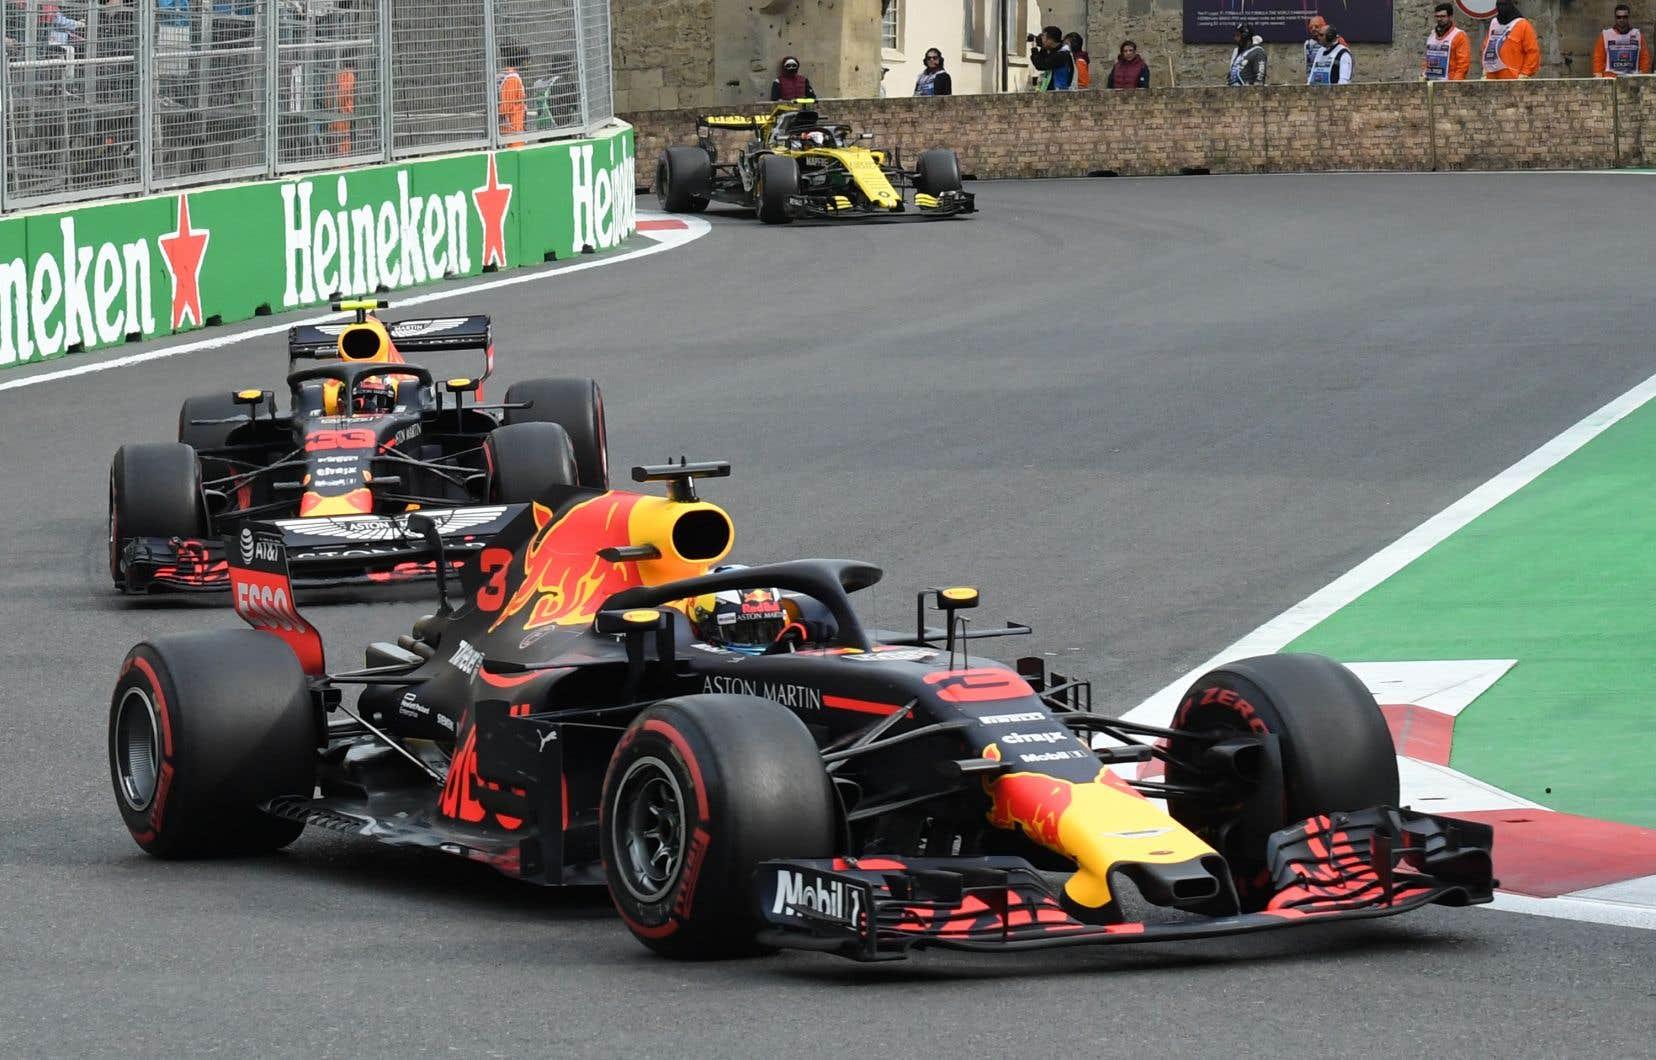 Red Bull a présentement un accord avec Renault et doit informer la FIA avant la mi-mai si elle a l'intention de passer au fabricant japonais.